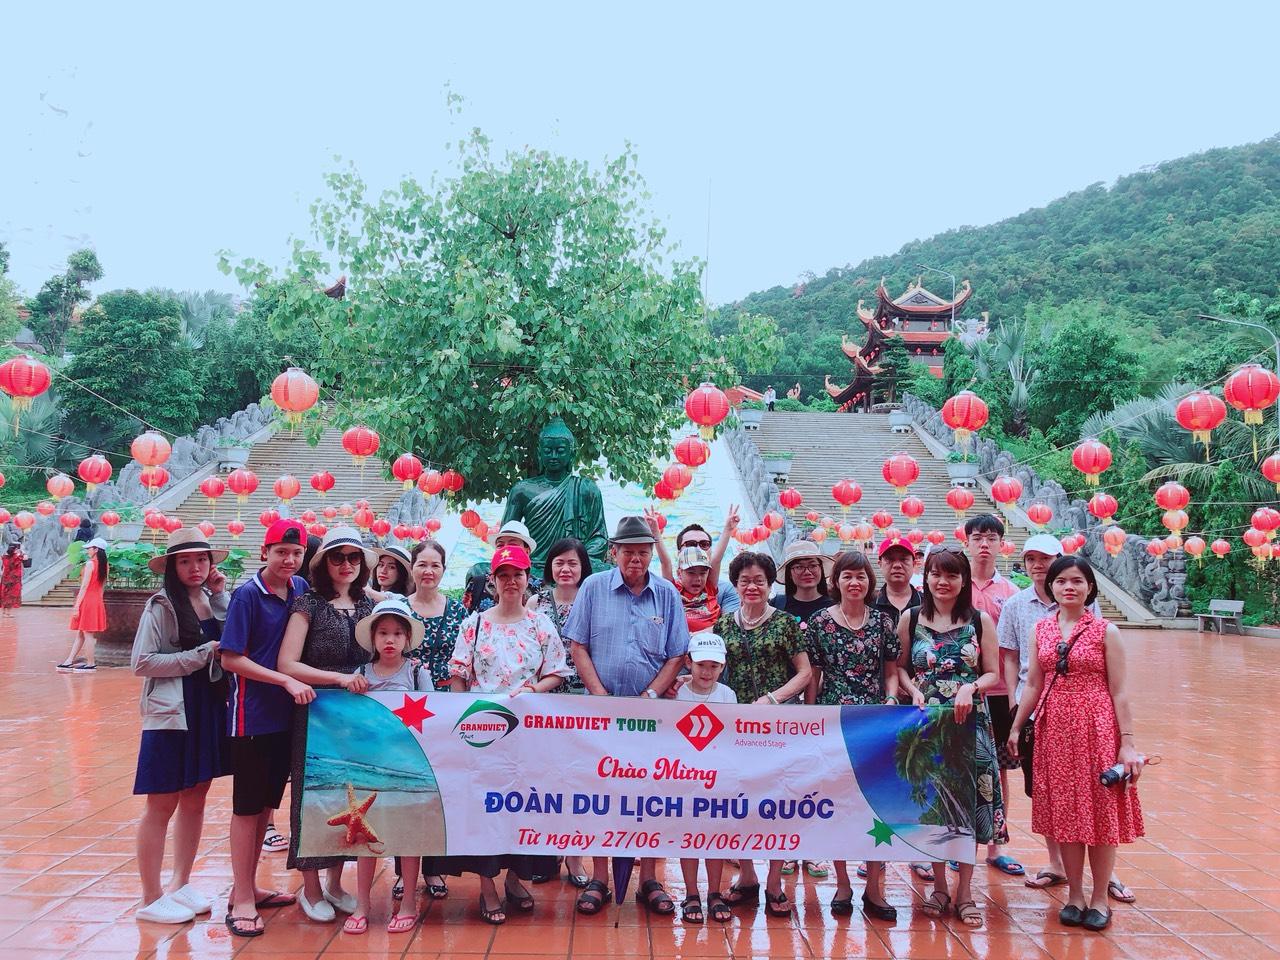 Tour Du Lịch Phú Quốc Trọn Gói 4 Ngày 3 Đêm Lễ 2/9/2019